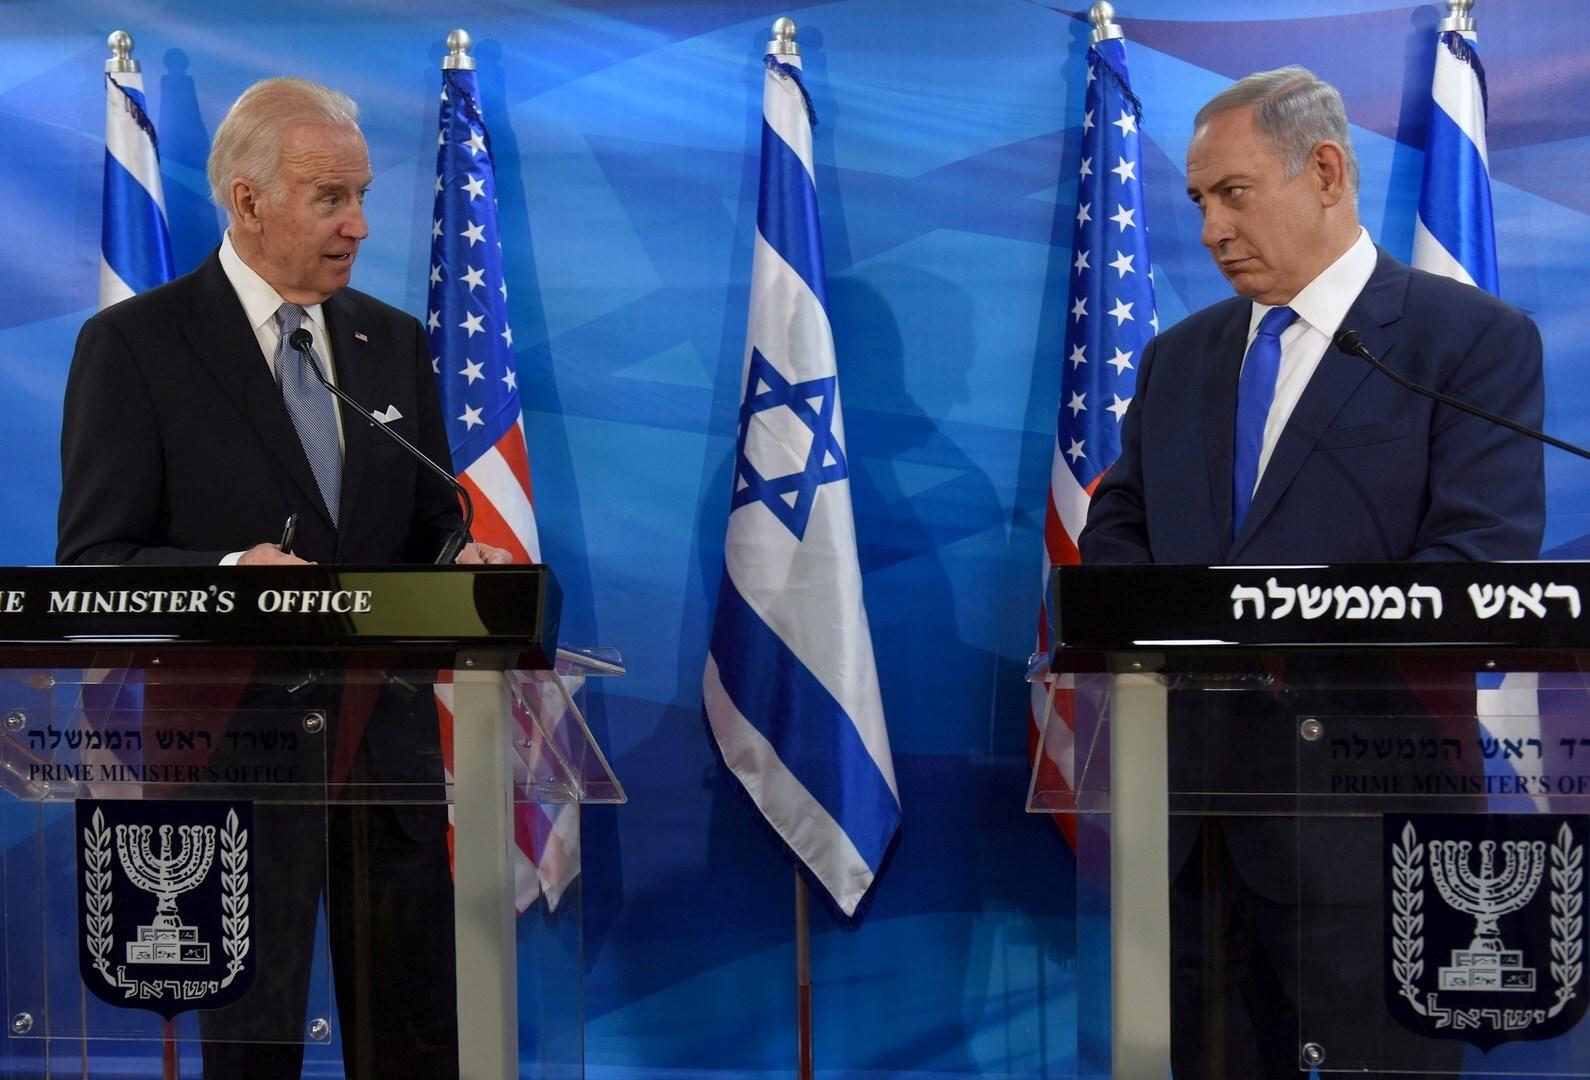 إعلام إسرائيلي: الأشخاص في محيط بايدن لم ينسوا أبداً خطاب نتنياهو في الكونغرس ضد الرئيس أوباما وضد الاتفاق النووي